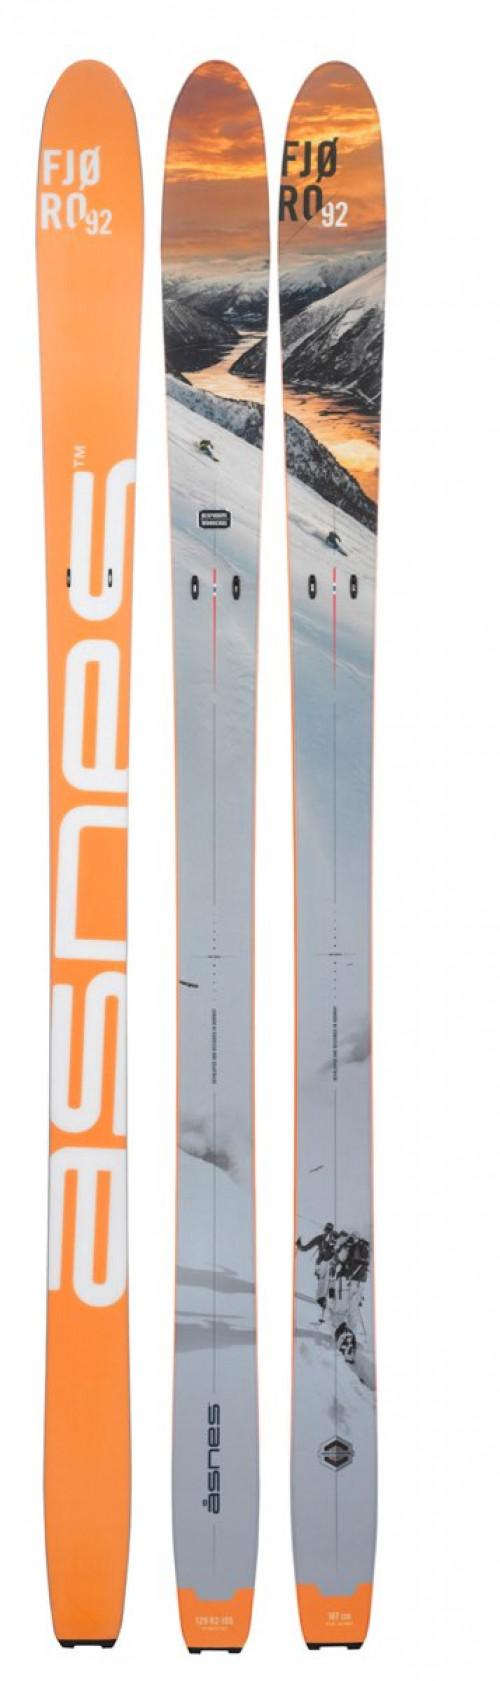 Åsnes Fjøro 92 Orange